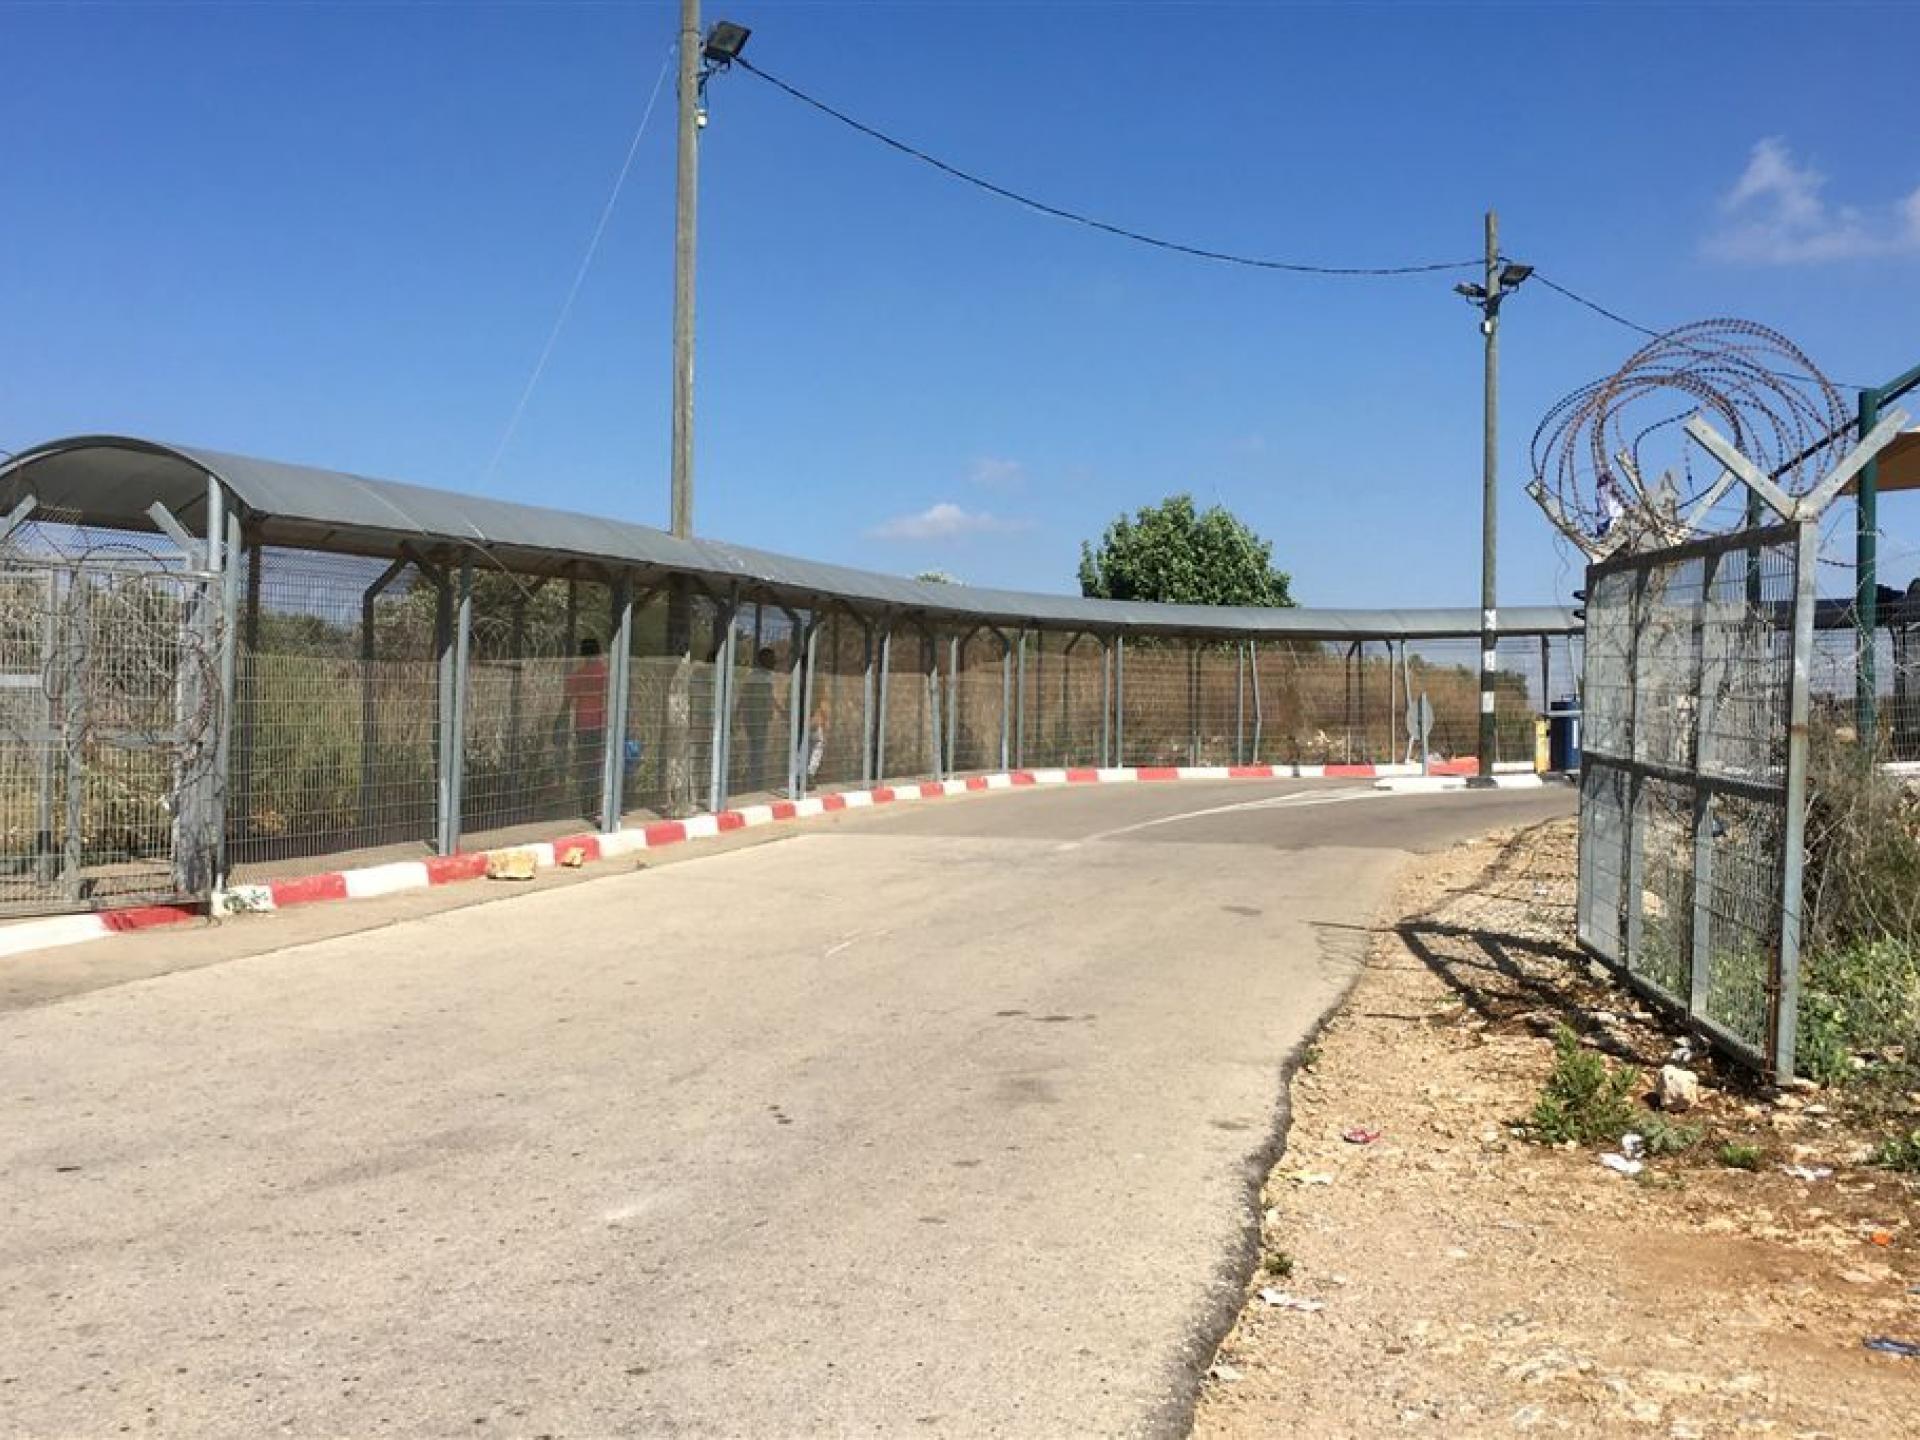 מחסום טורה: ארבעה פועלים עוברים בשרוול בשעת השיא של המחסום